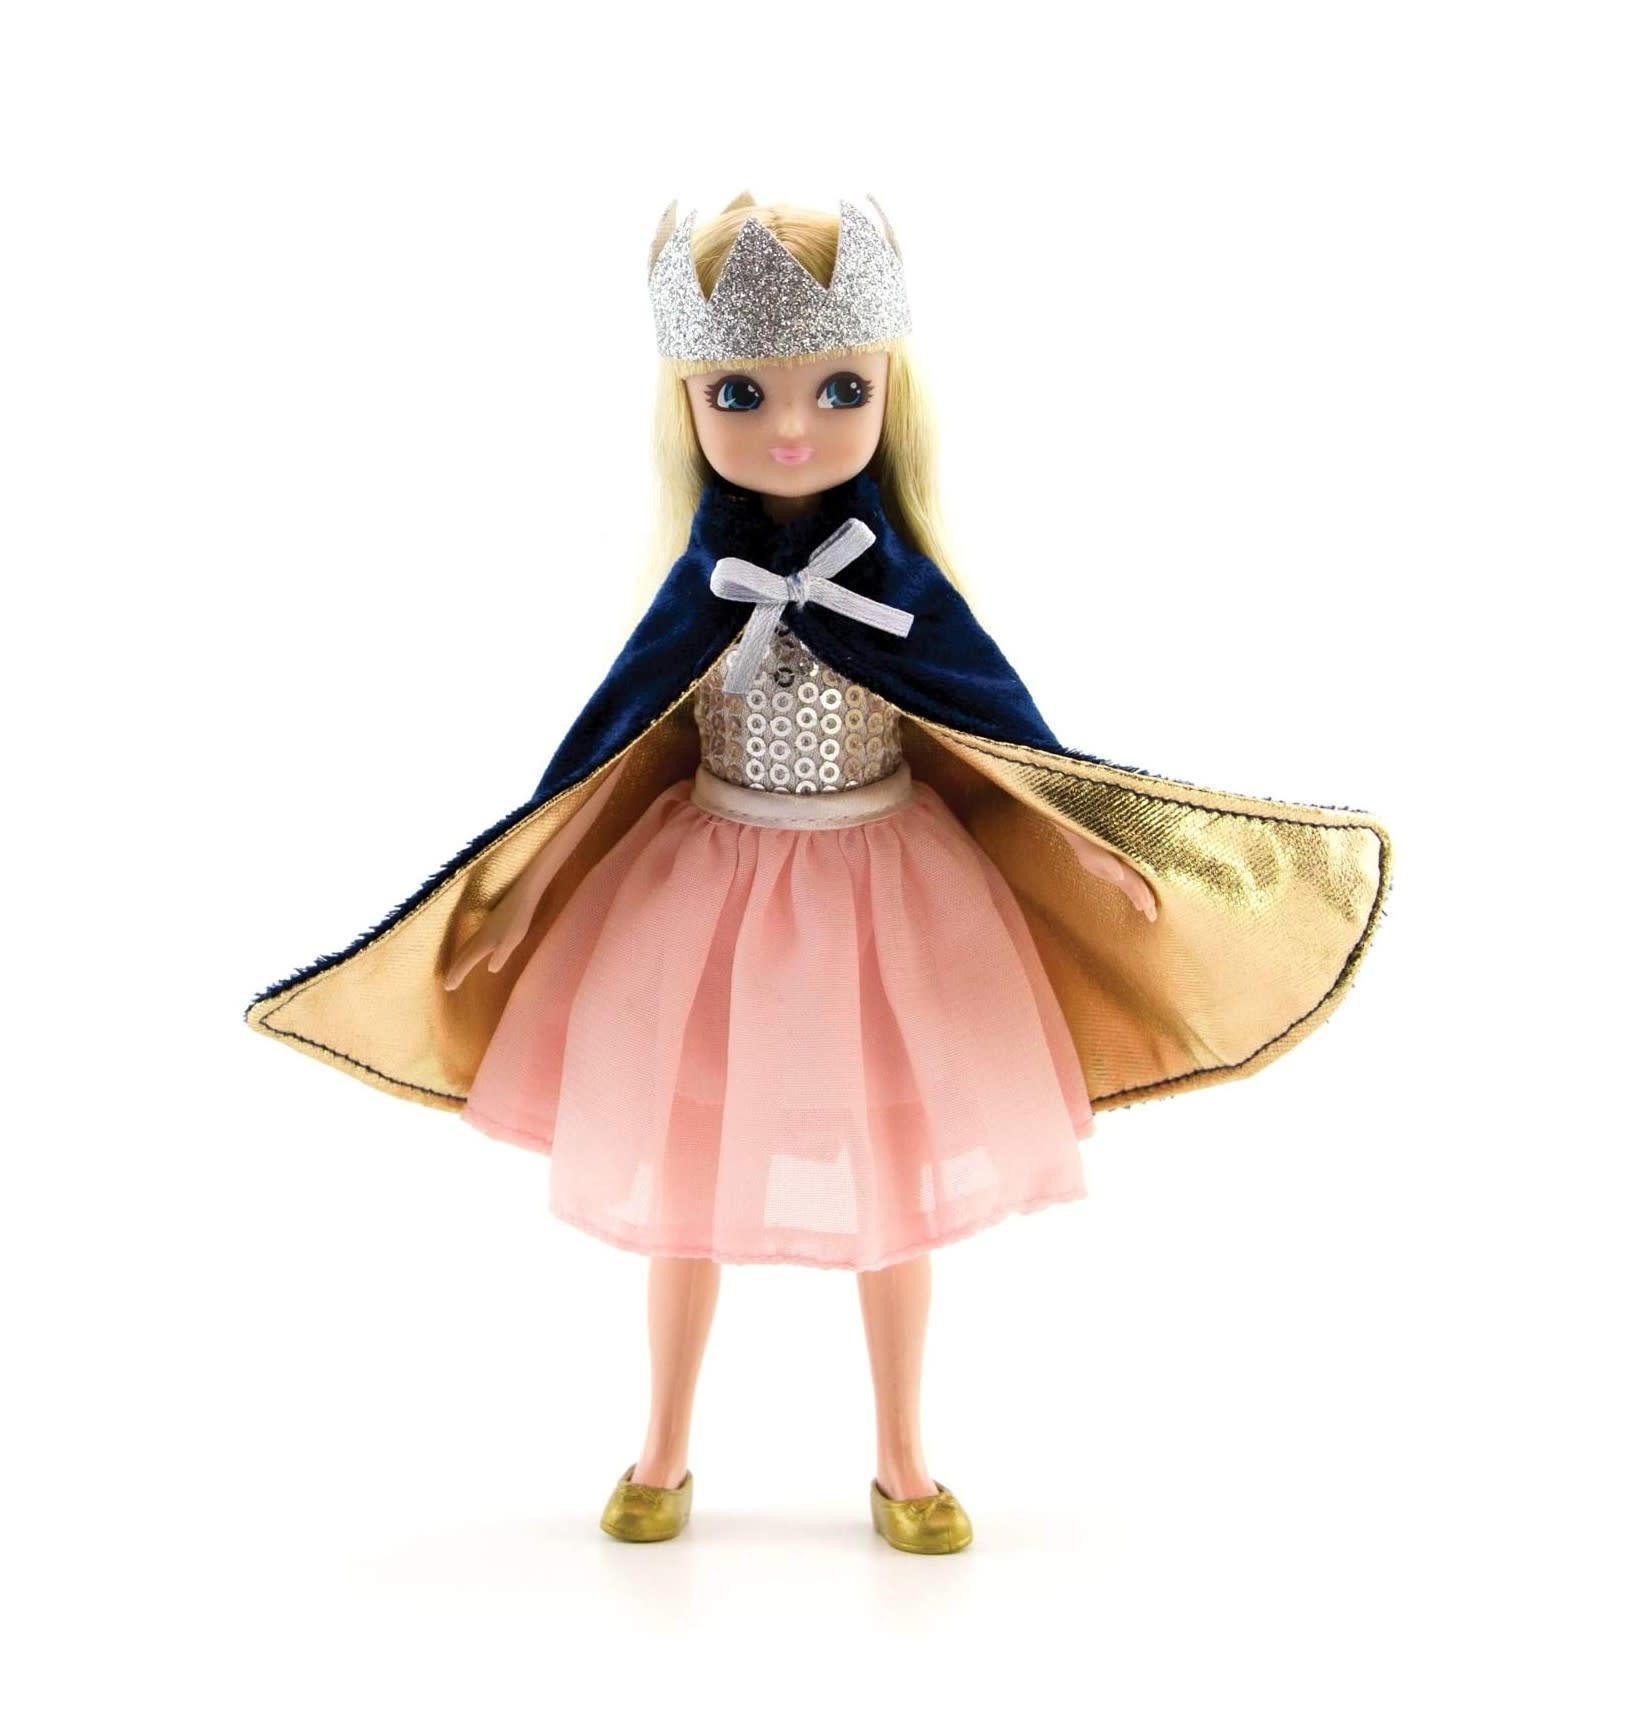 Schylling Lottie Doll/ Queen of the Castle